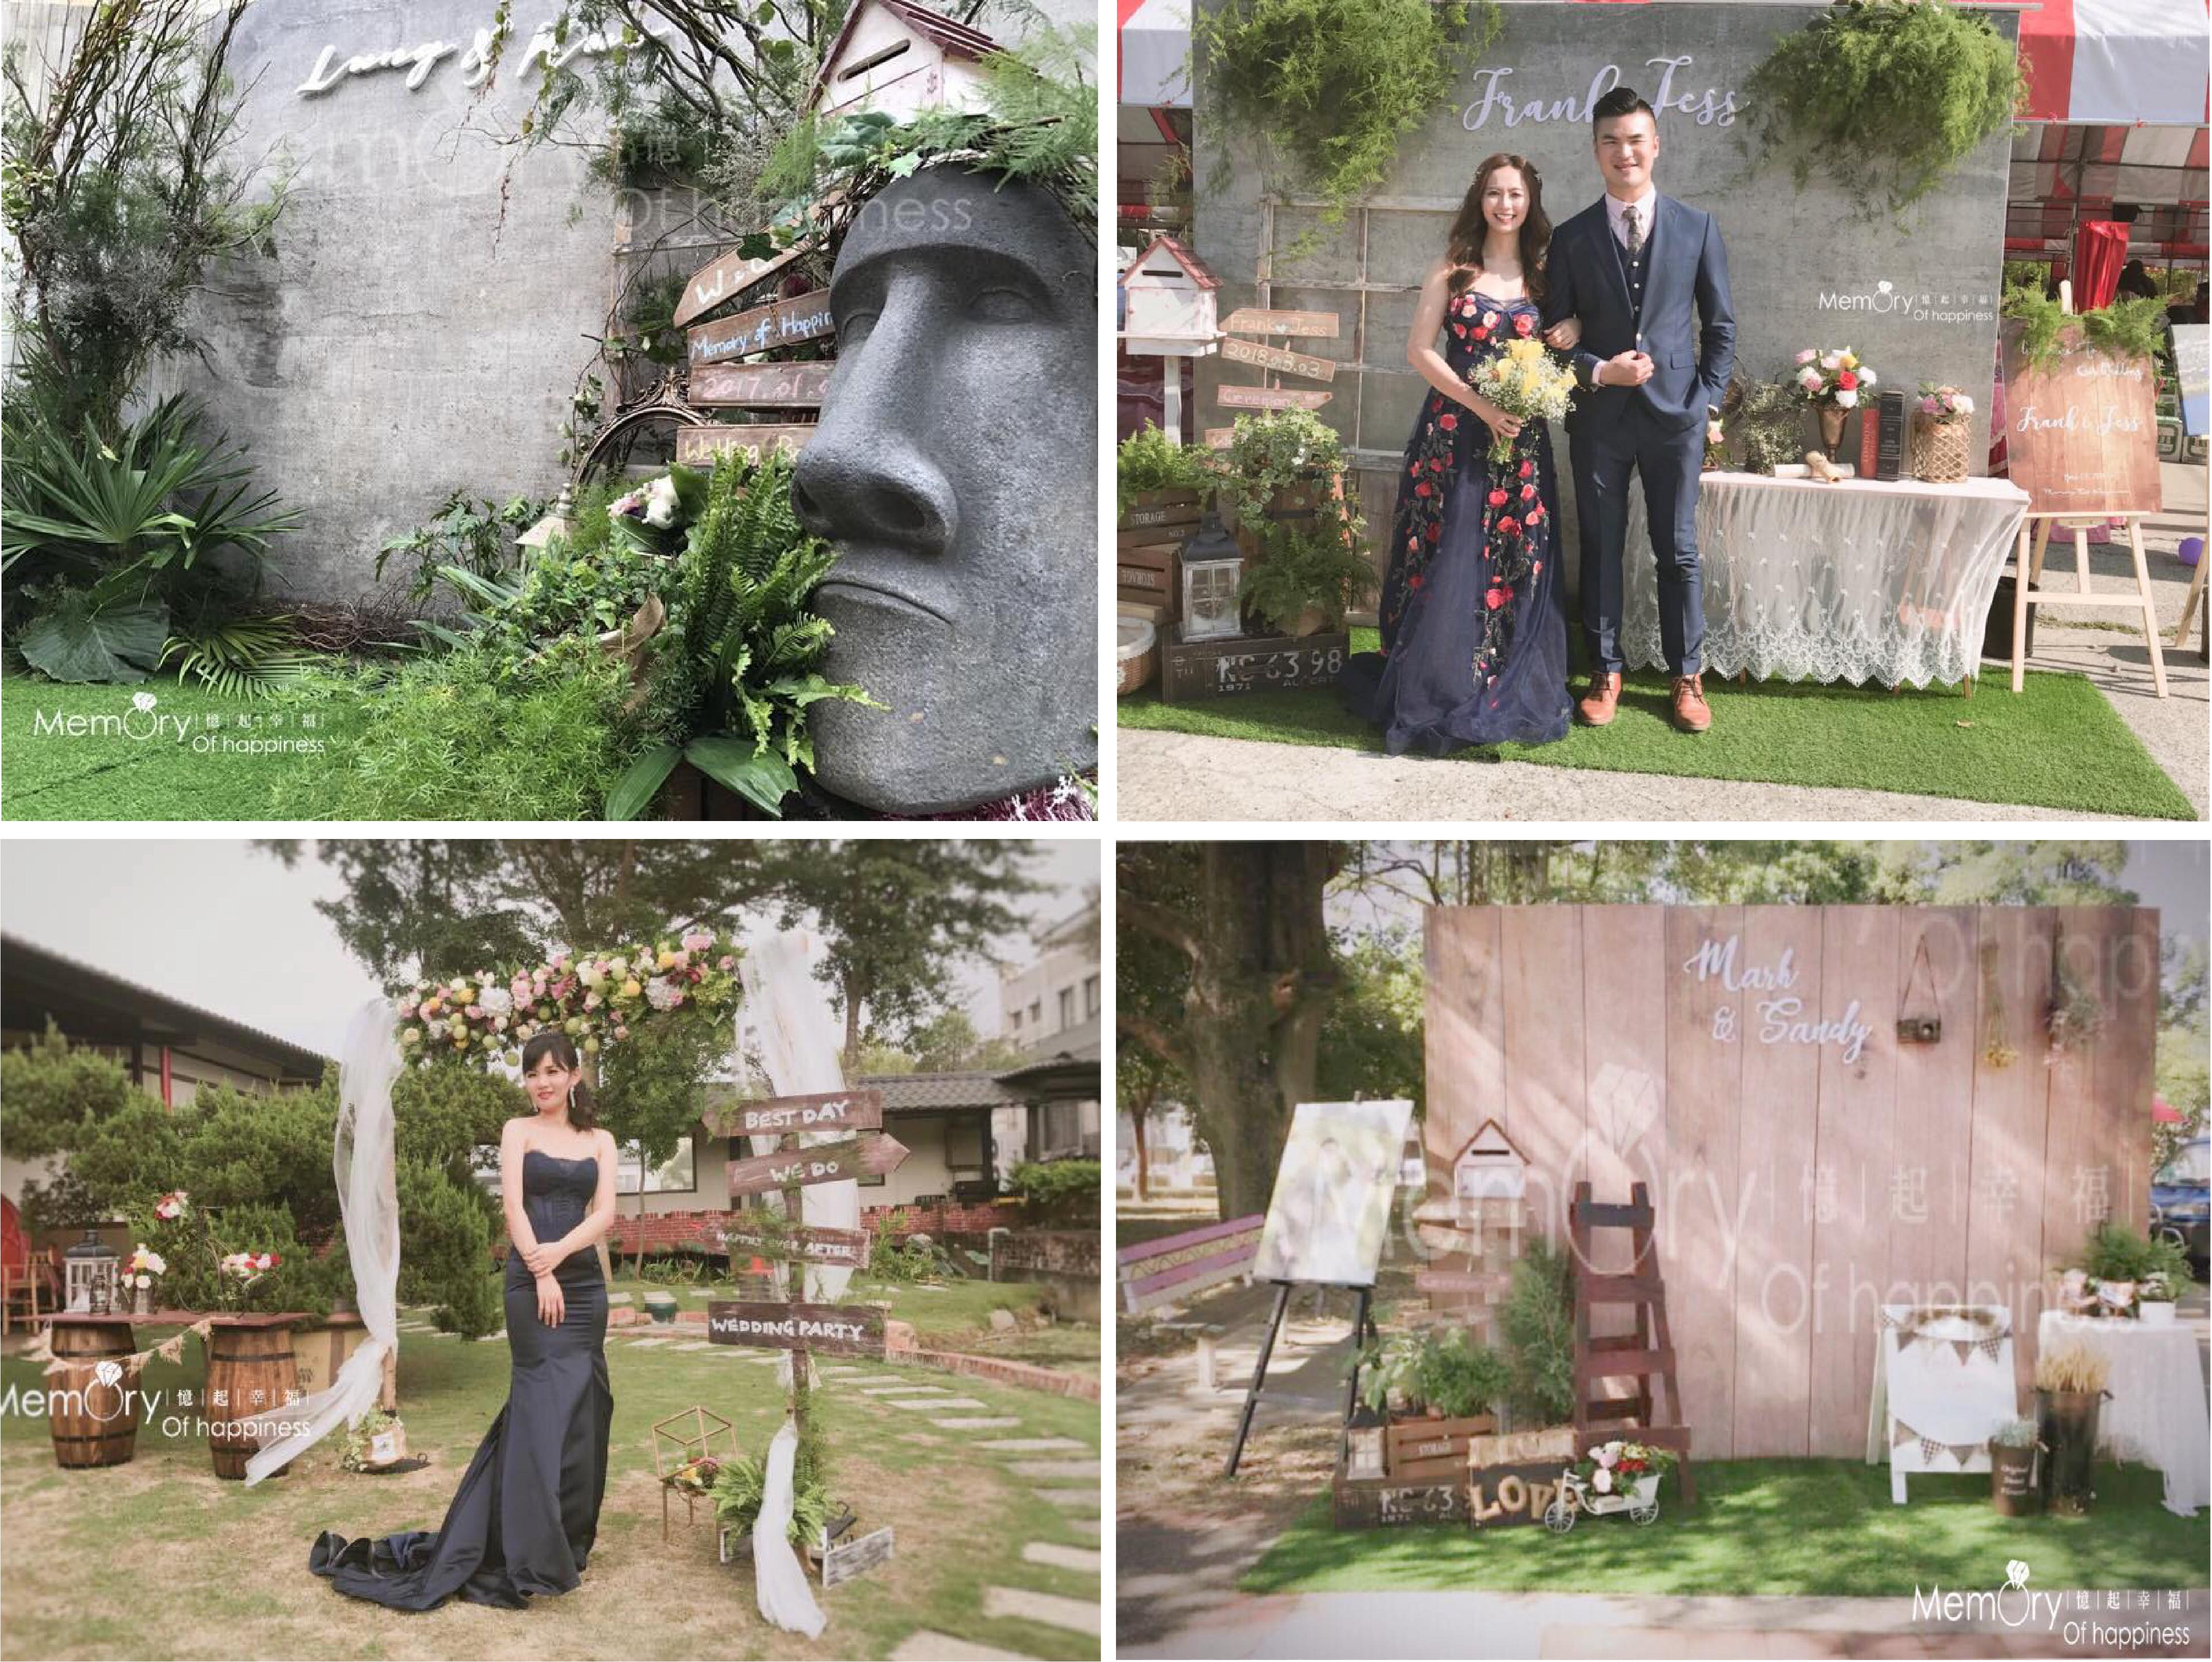 嘉義婚禮佈置-憶起幸福